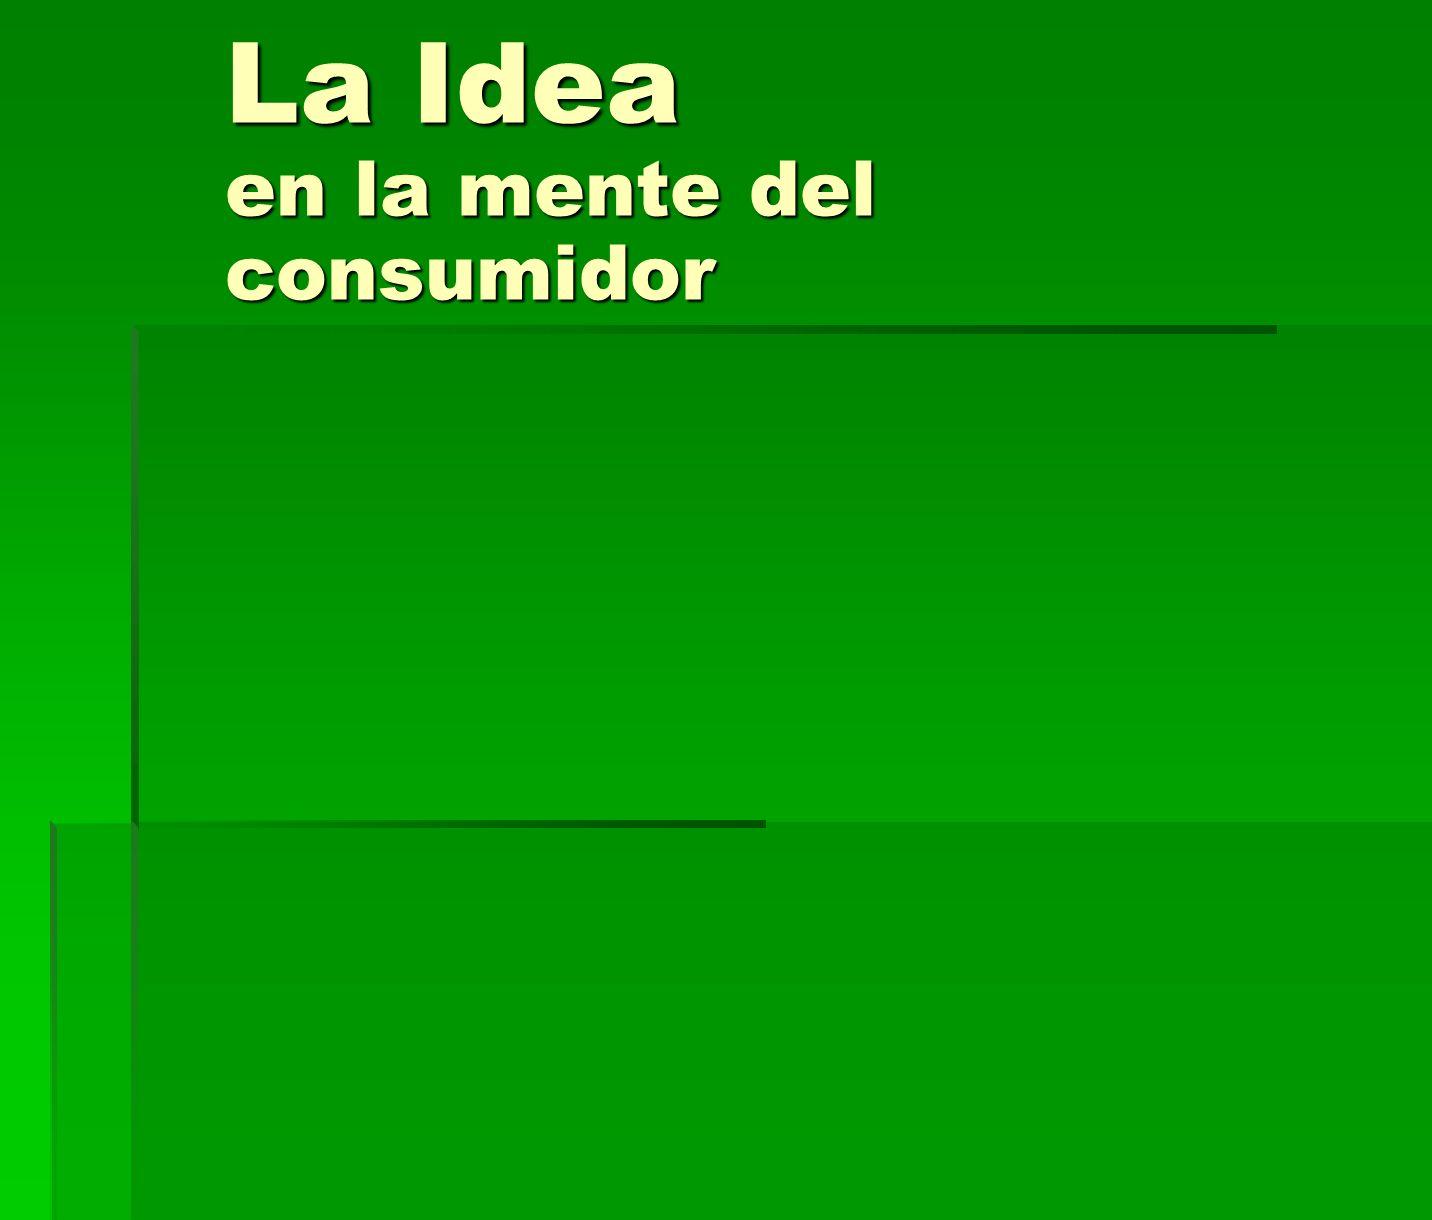 La Idea en la mente del consumidor